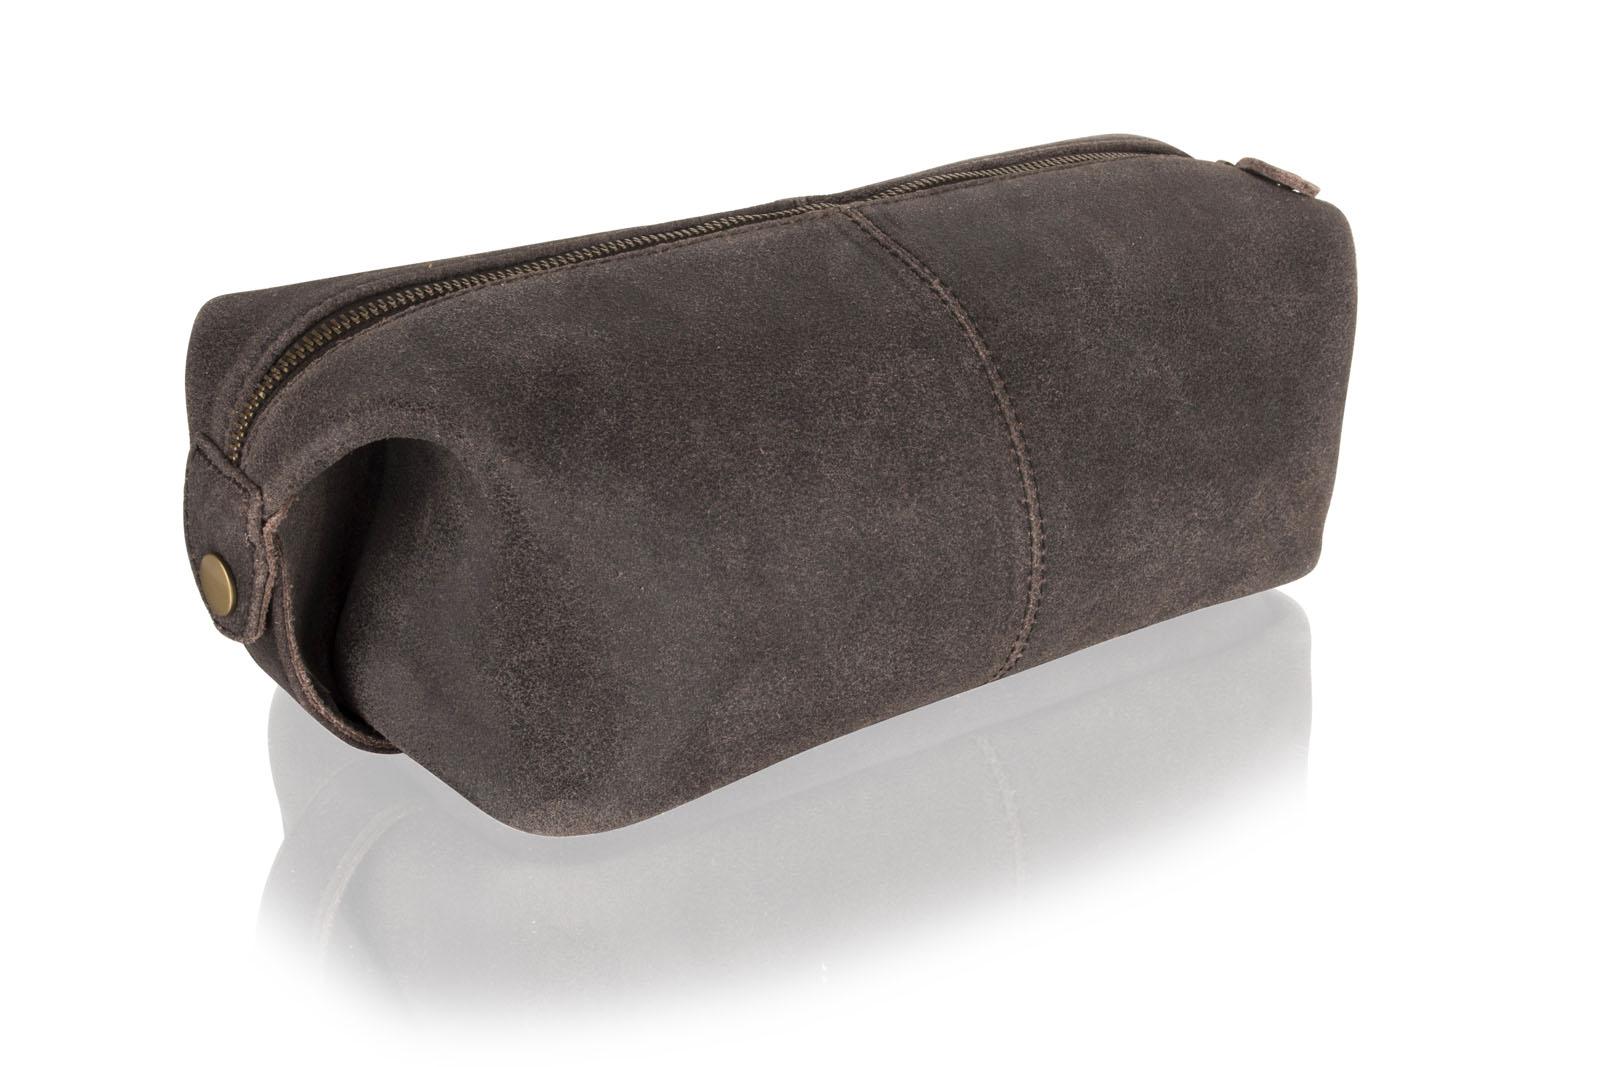 9addc10761 ... Bag Woodland 12.0